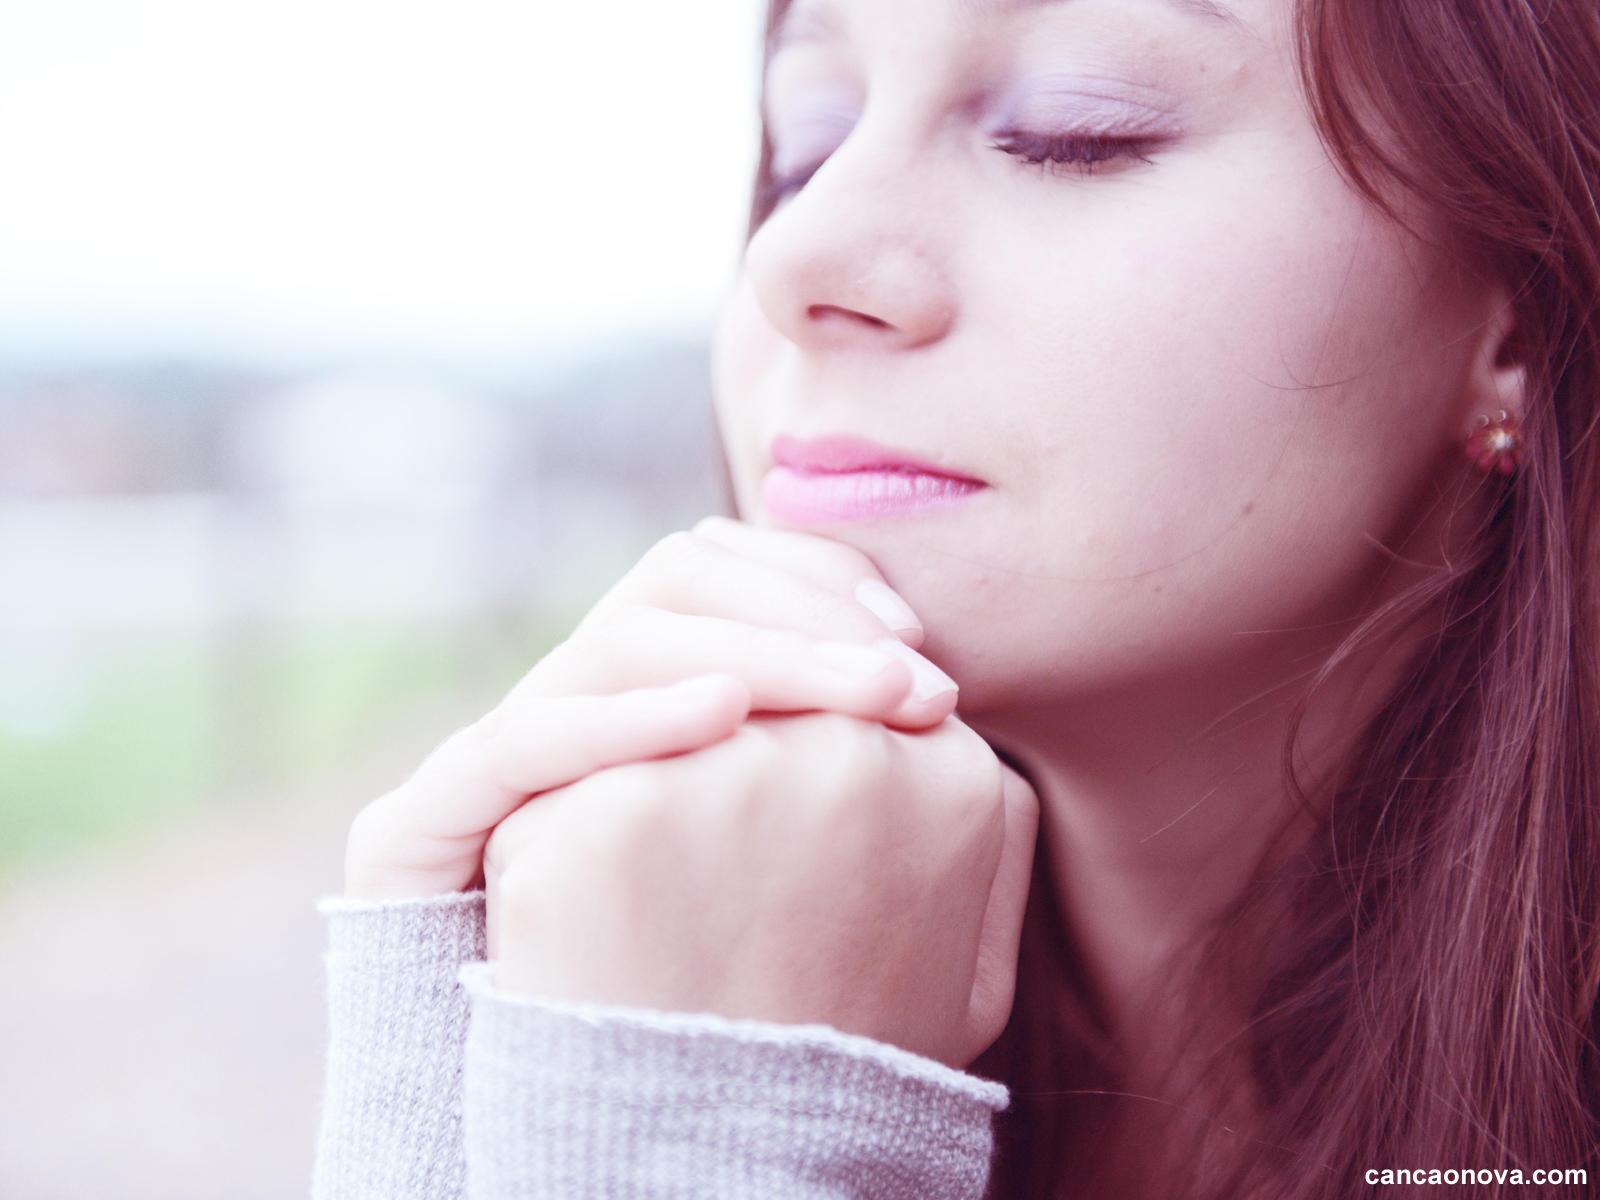 frases sobre angustia no coração